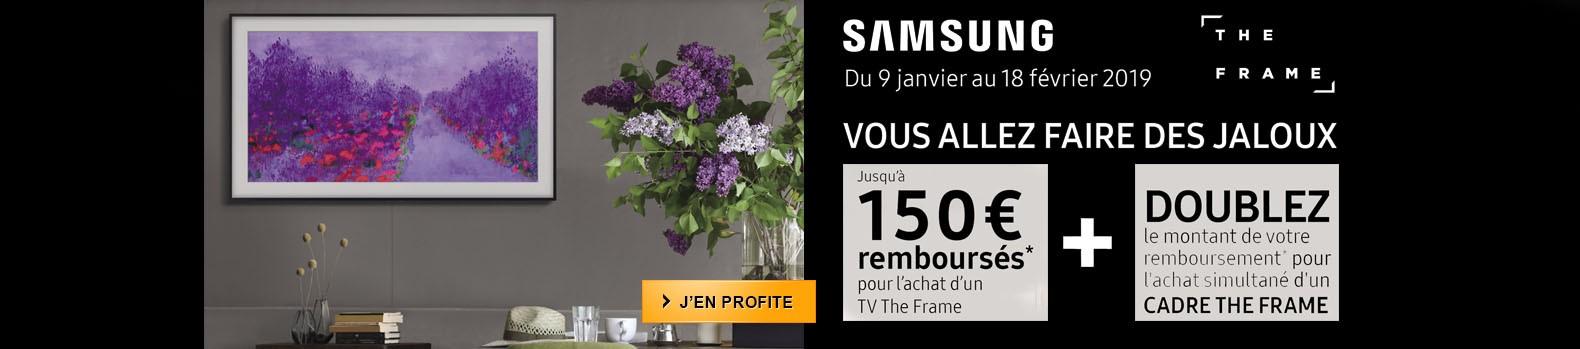 Jusqu'à 300 euros remboursés pour l'achat d'un TV Samsung The Frame jusqu'au 18 février 2019